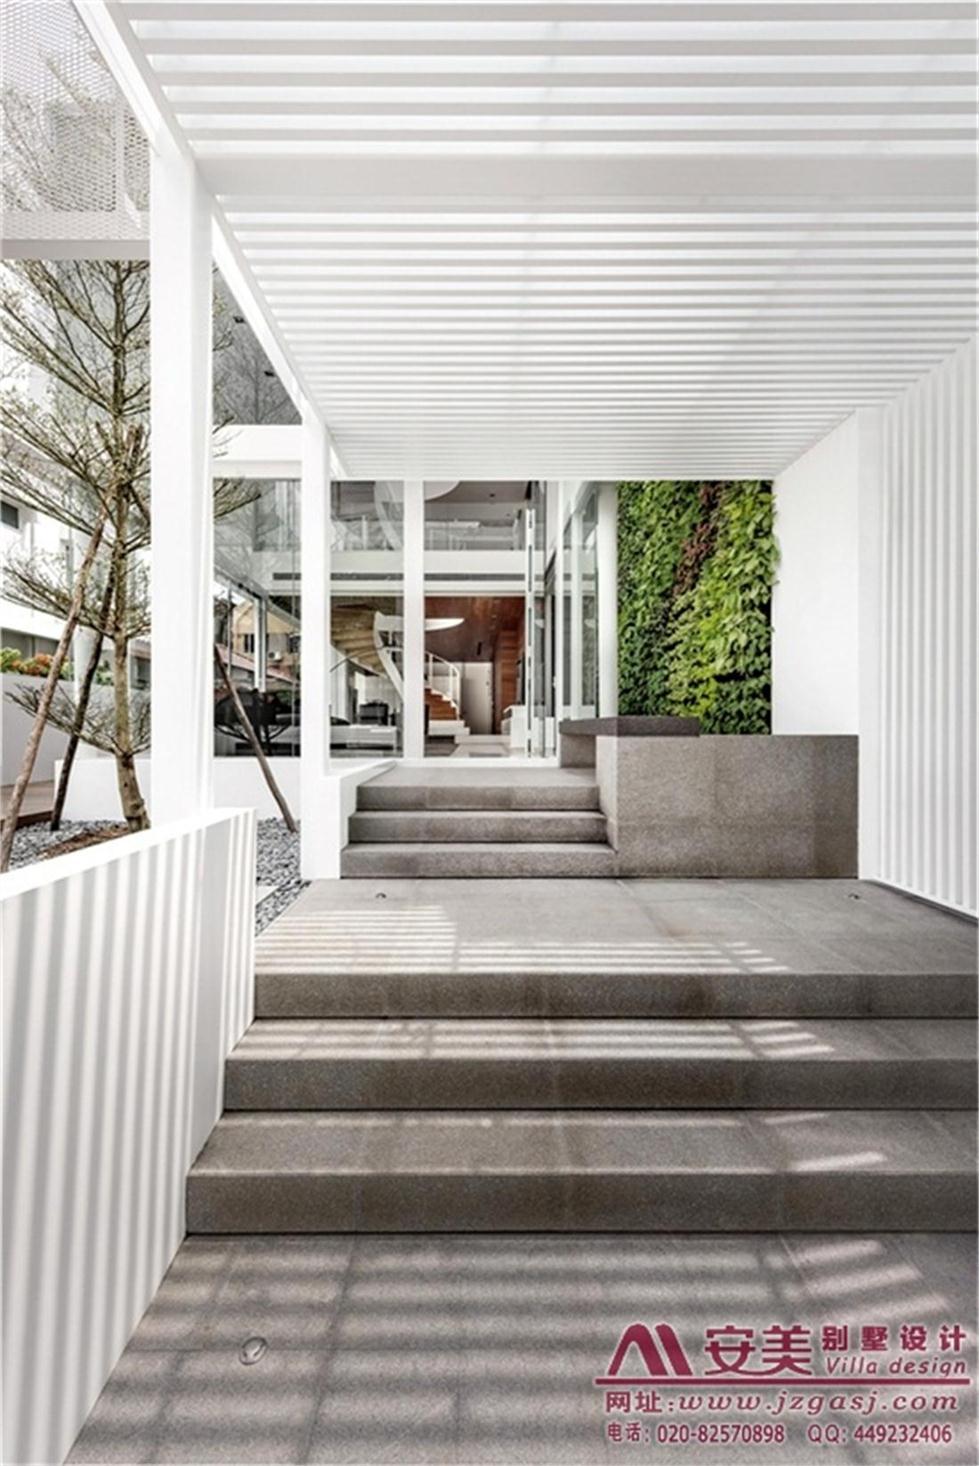 别墅用地规划、户型平面图设计、建筑外观效果图设计,结构施